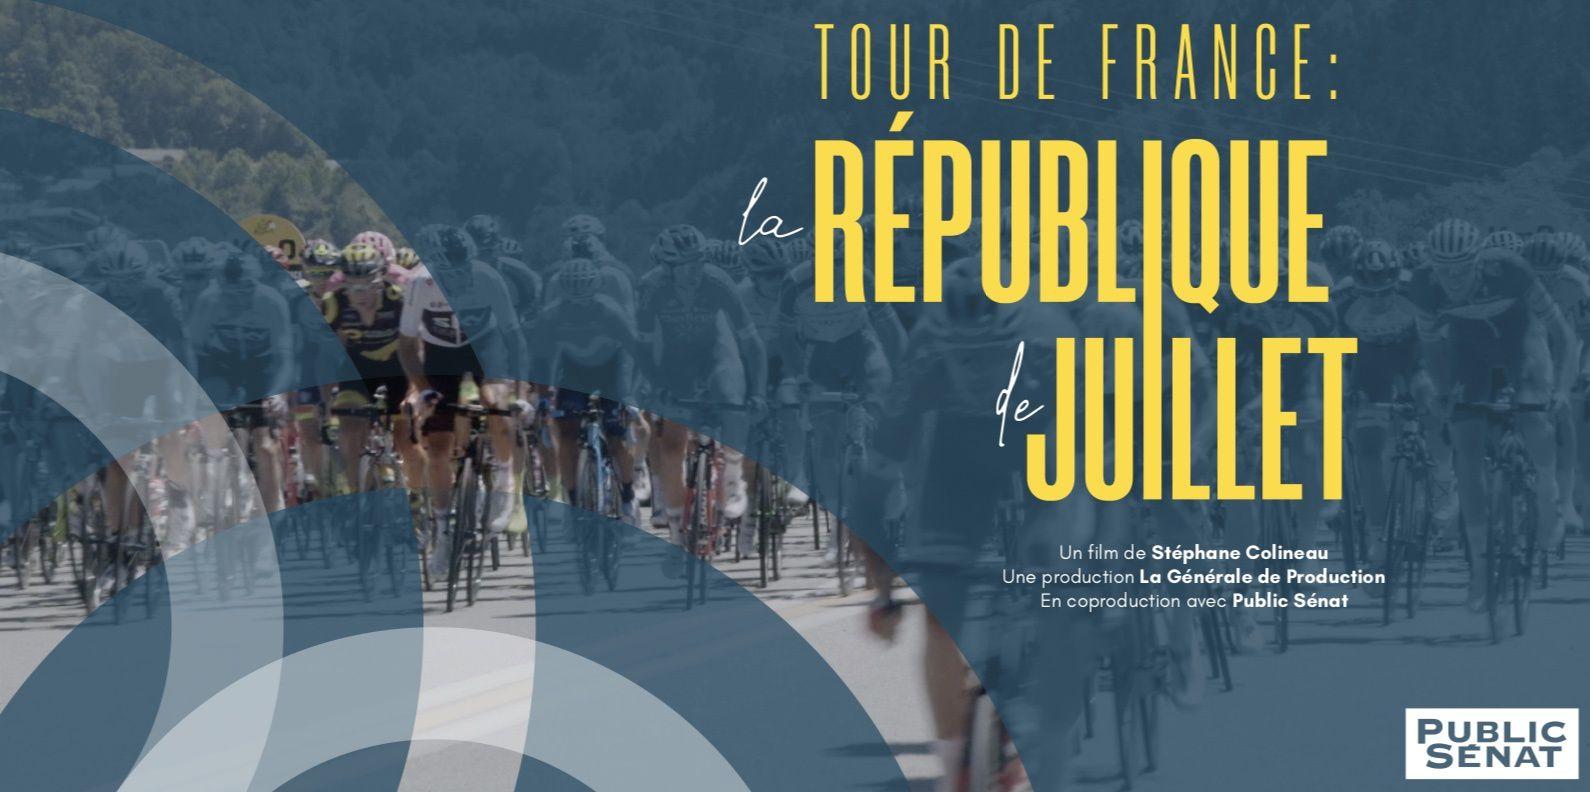 Documentaire La République de Juillet : une plongée au coeur du Tour de France, sur Public Sénat.